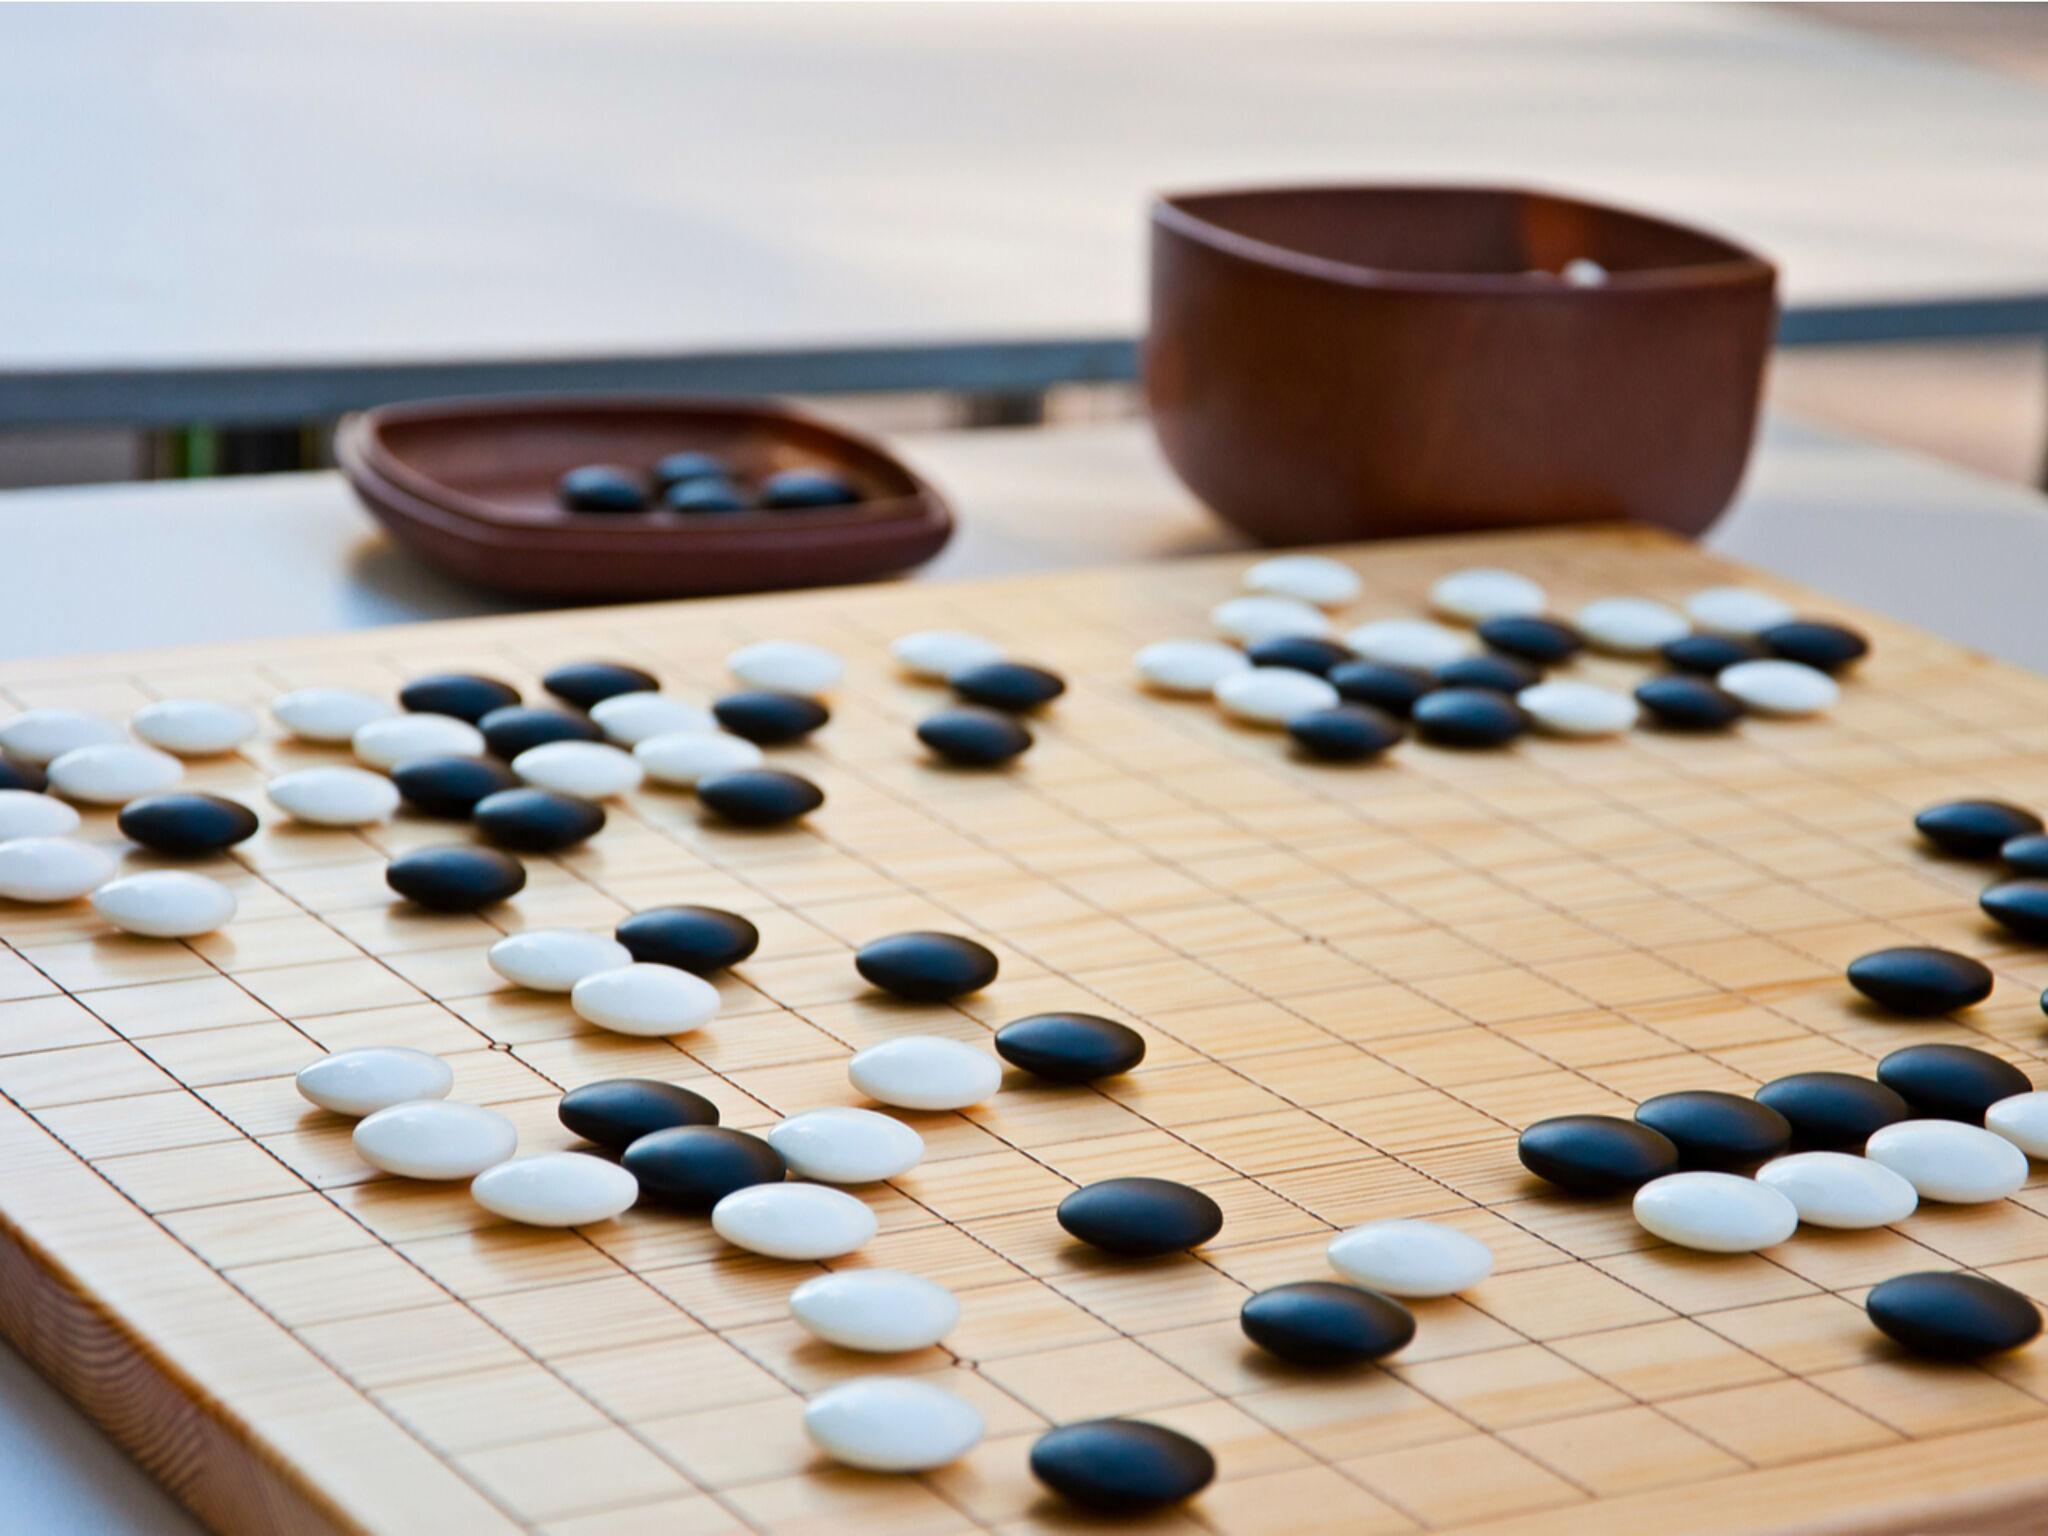 将棋のボードがうつっている画像